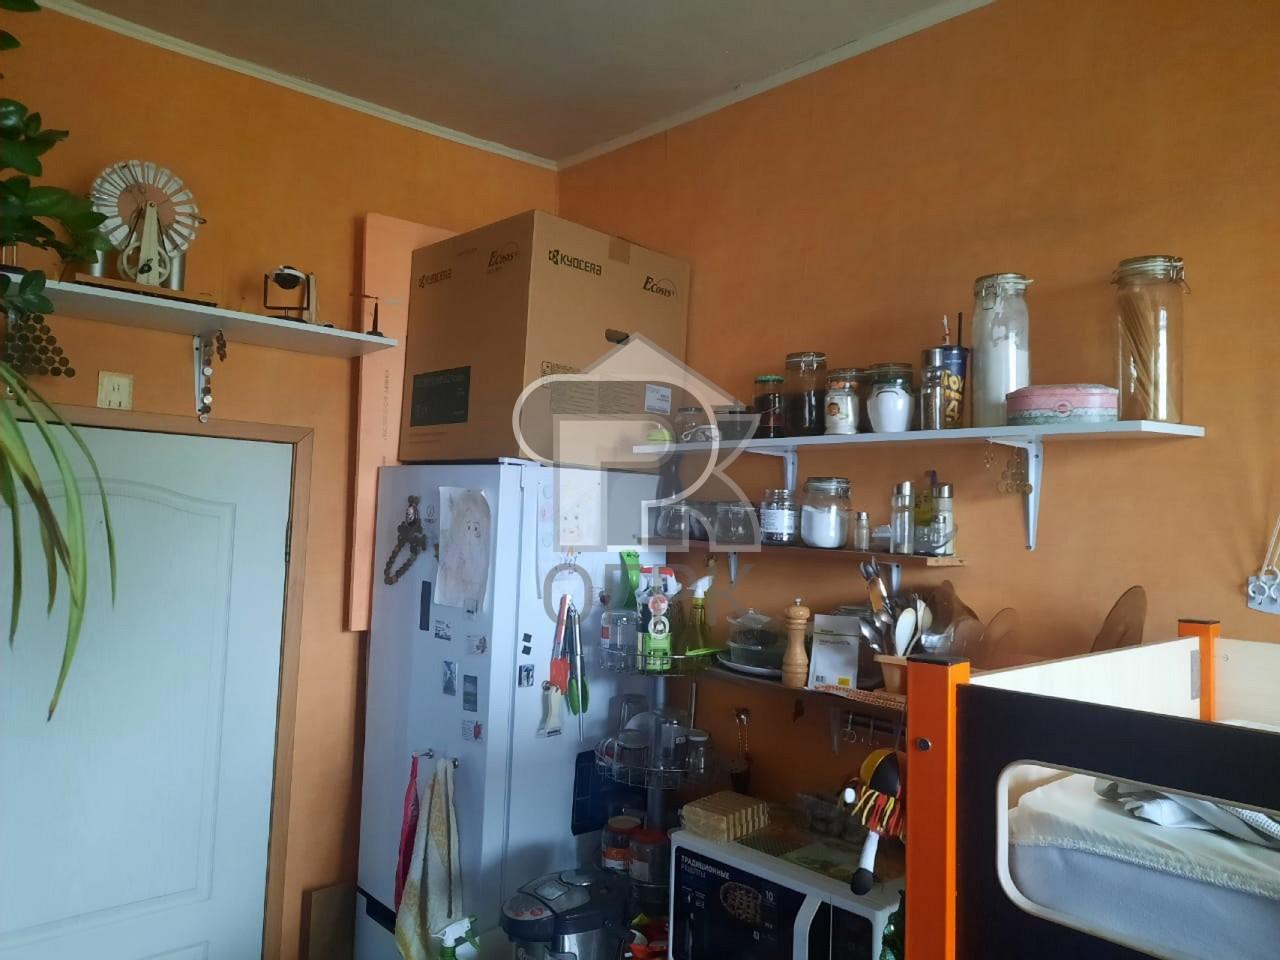 Купить комнату в 3-ккв, город Москва, район Марьина роща, улица Шереметьевская, 5, корпус 2, дом 5, №323183